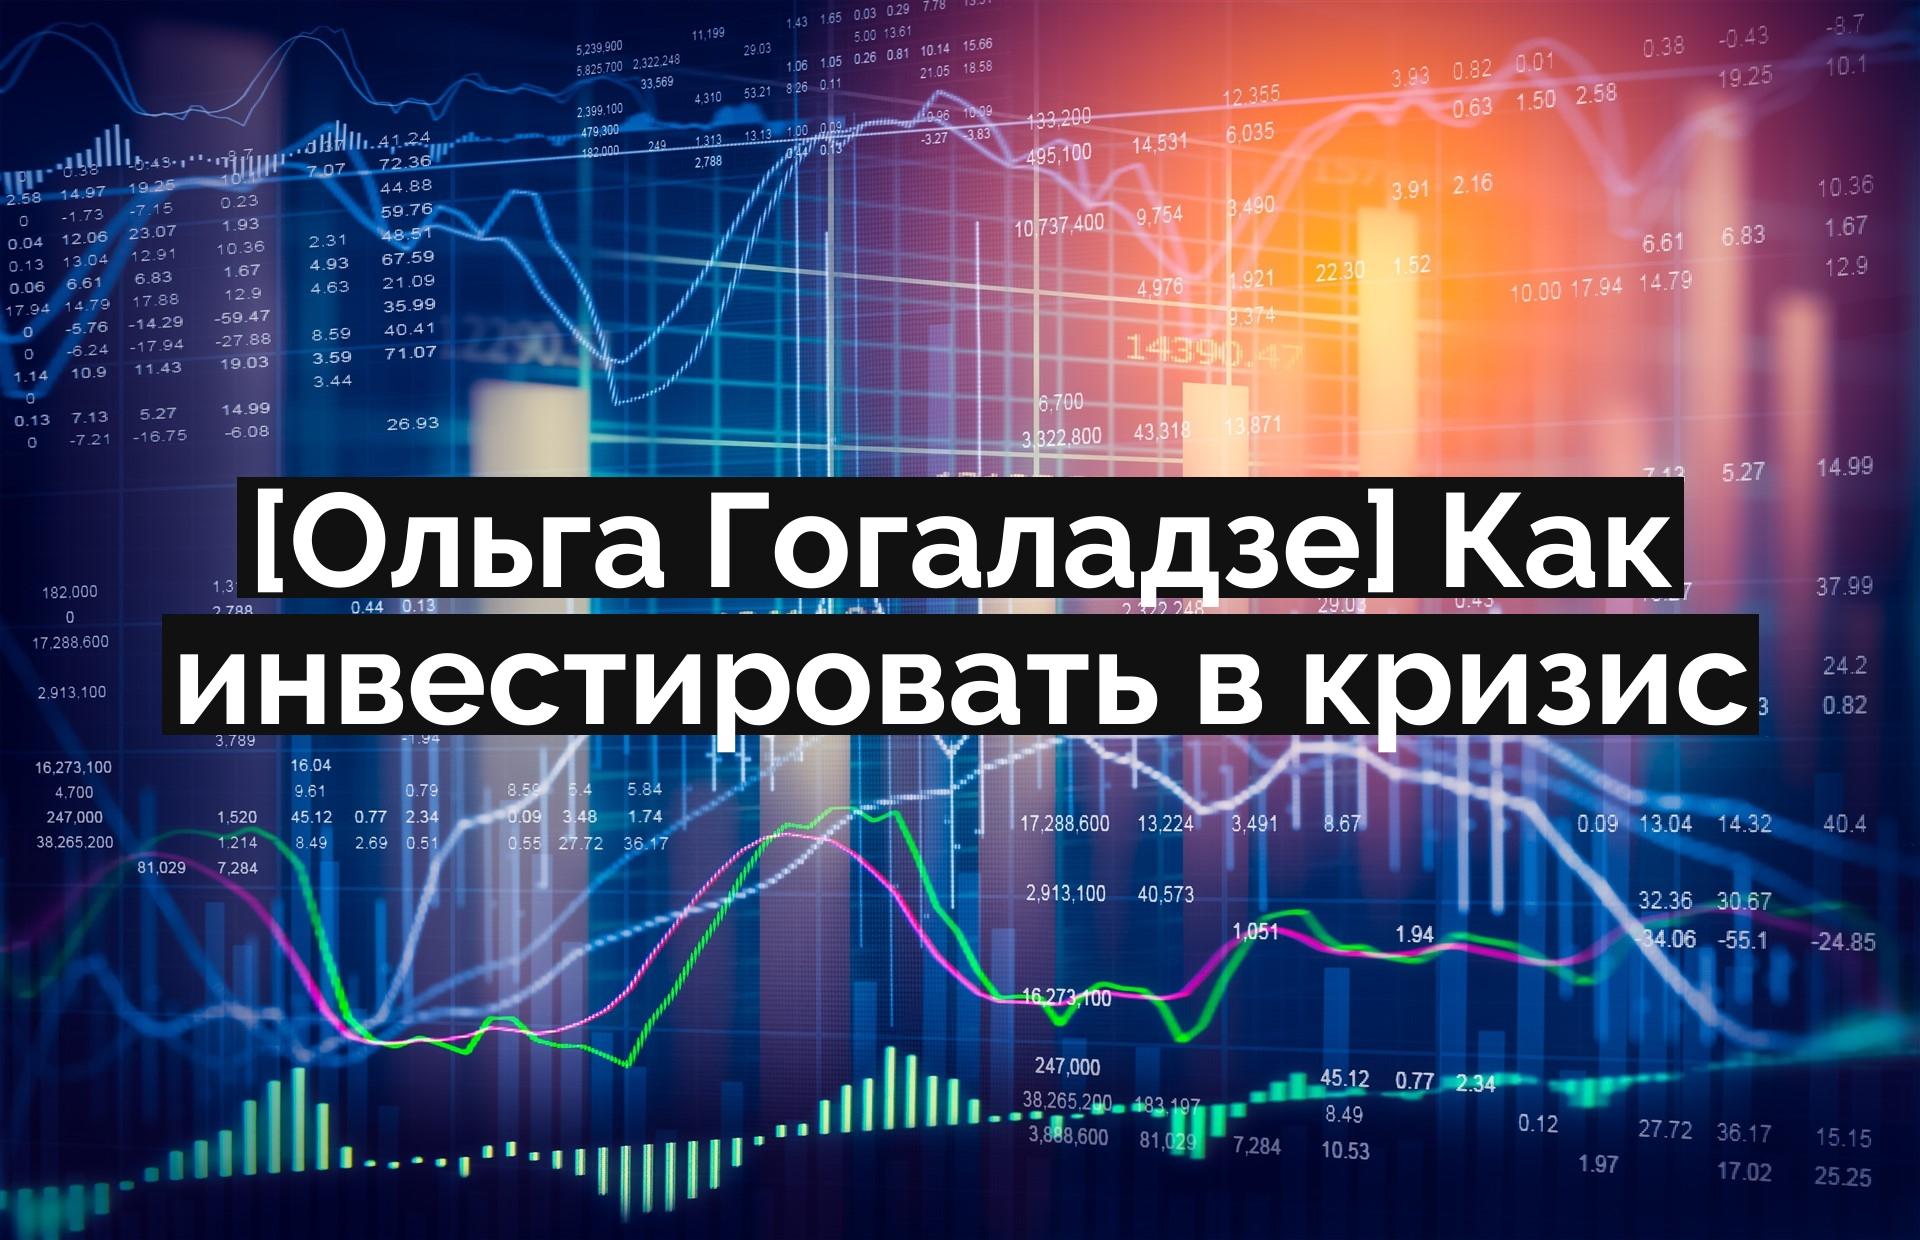 [Ольга Гогаладзе] Как инвестировать в кризис